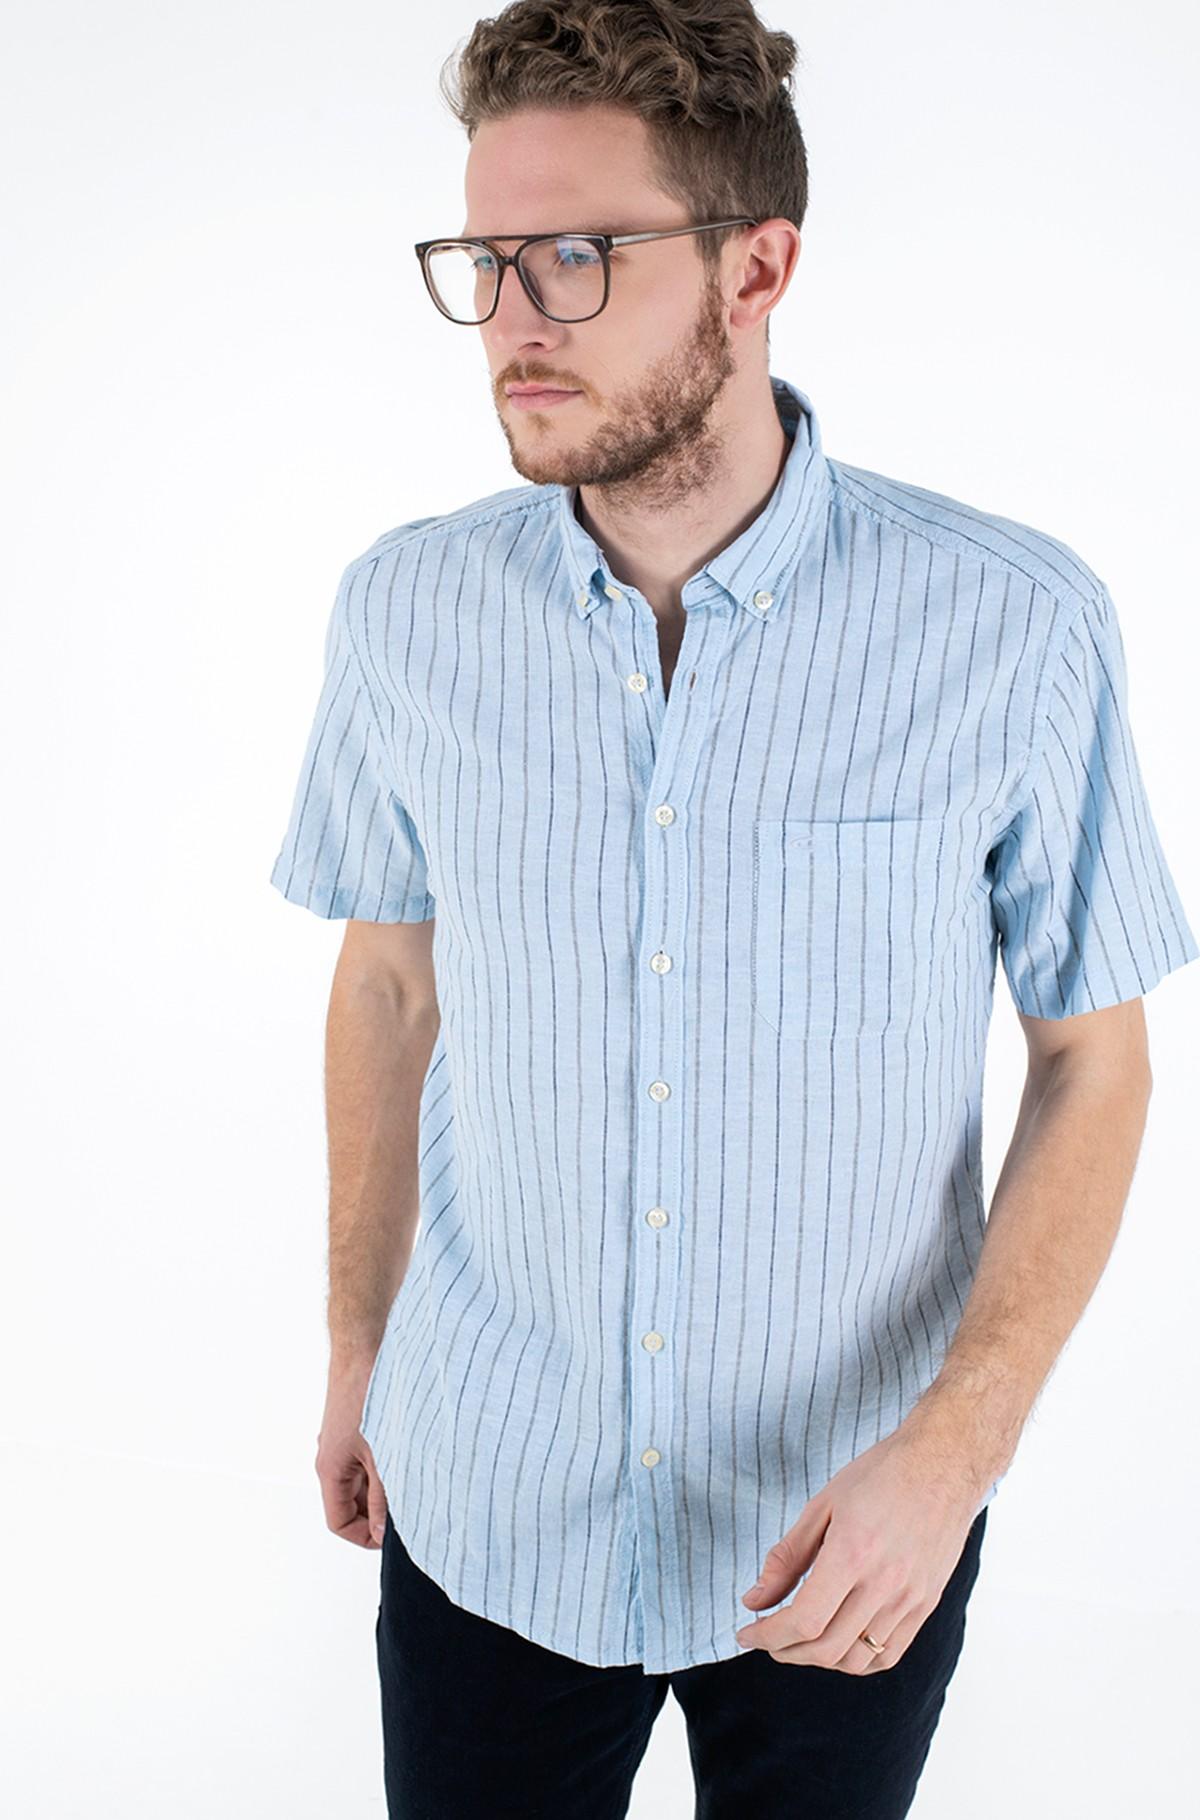 Marškiniai su trumpomis rankovėmis 409228/3S50-full-1